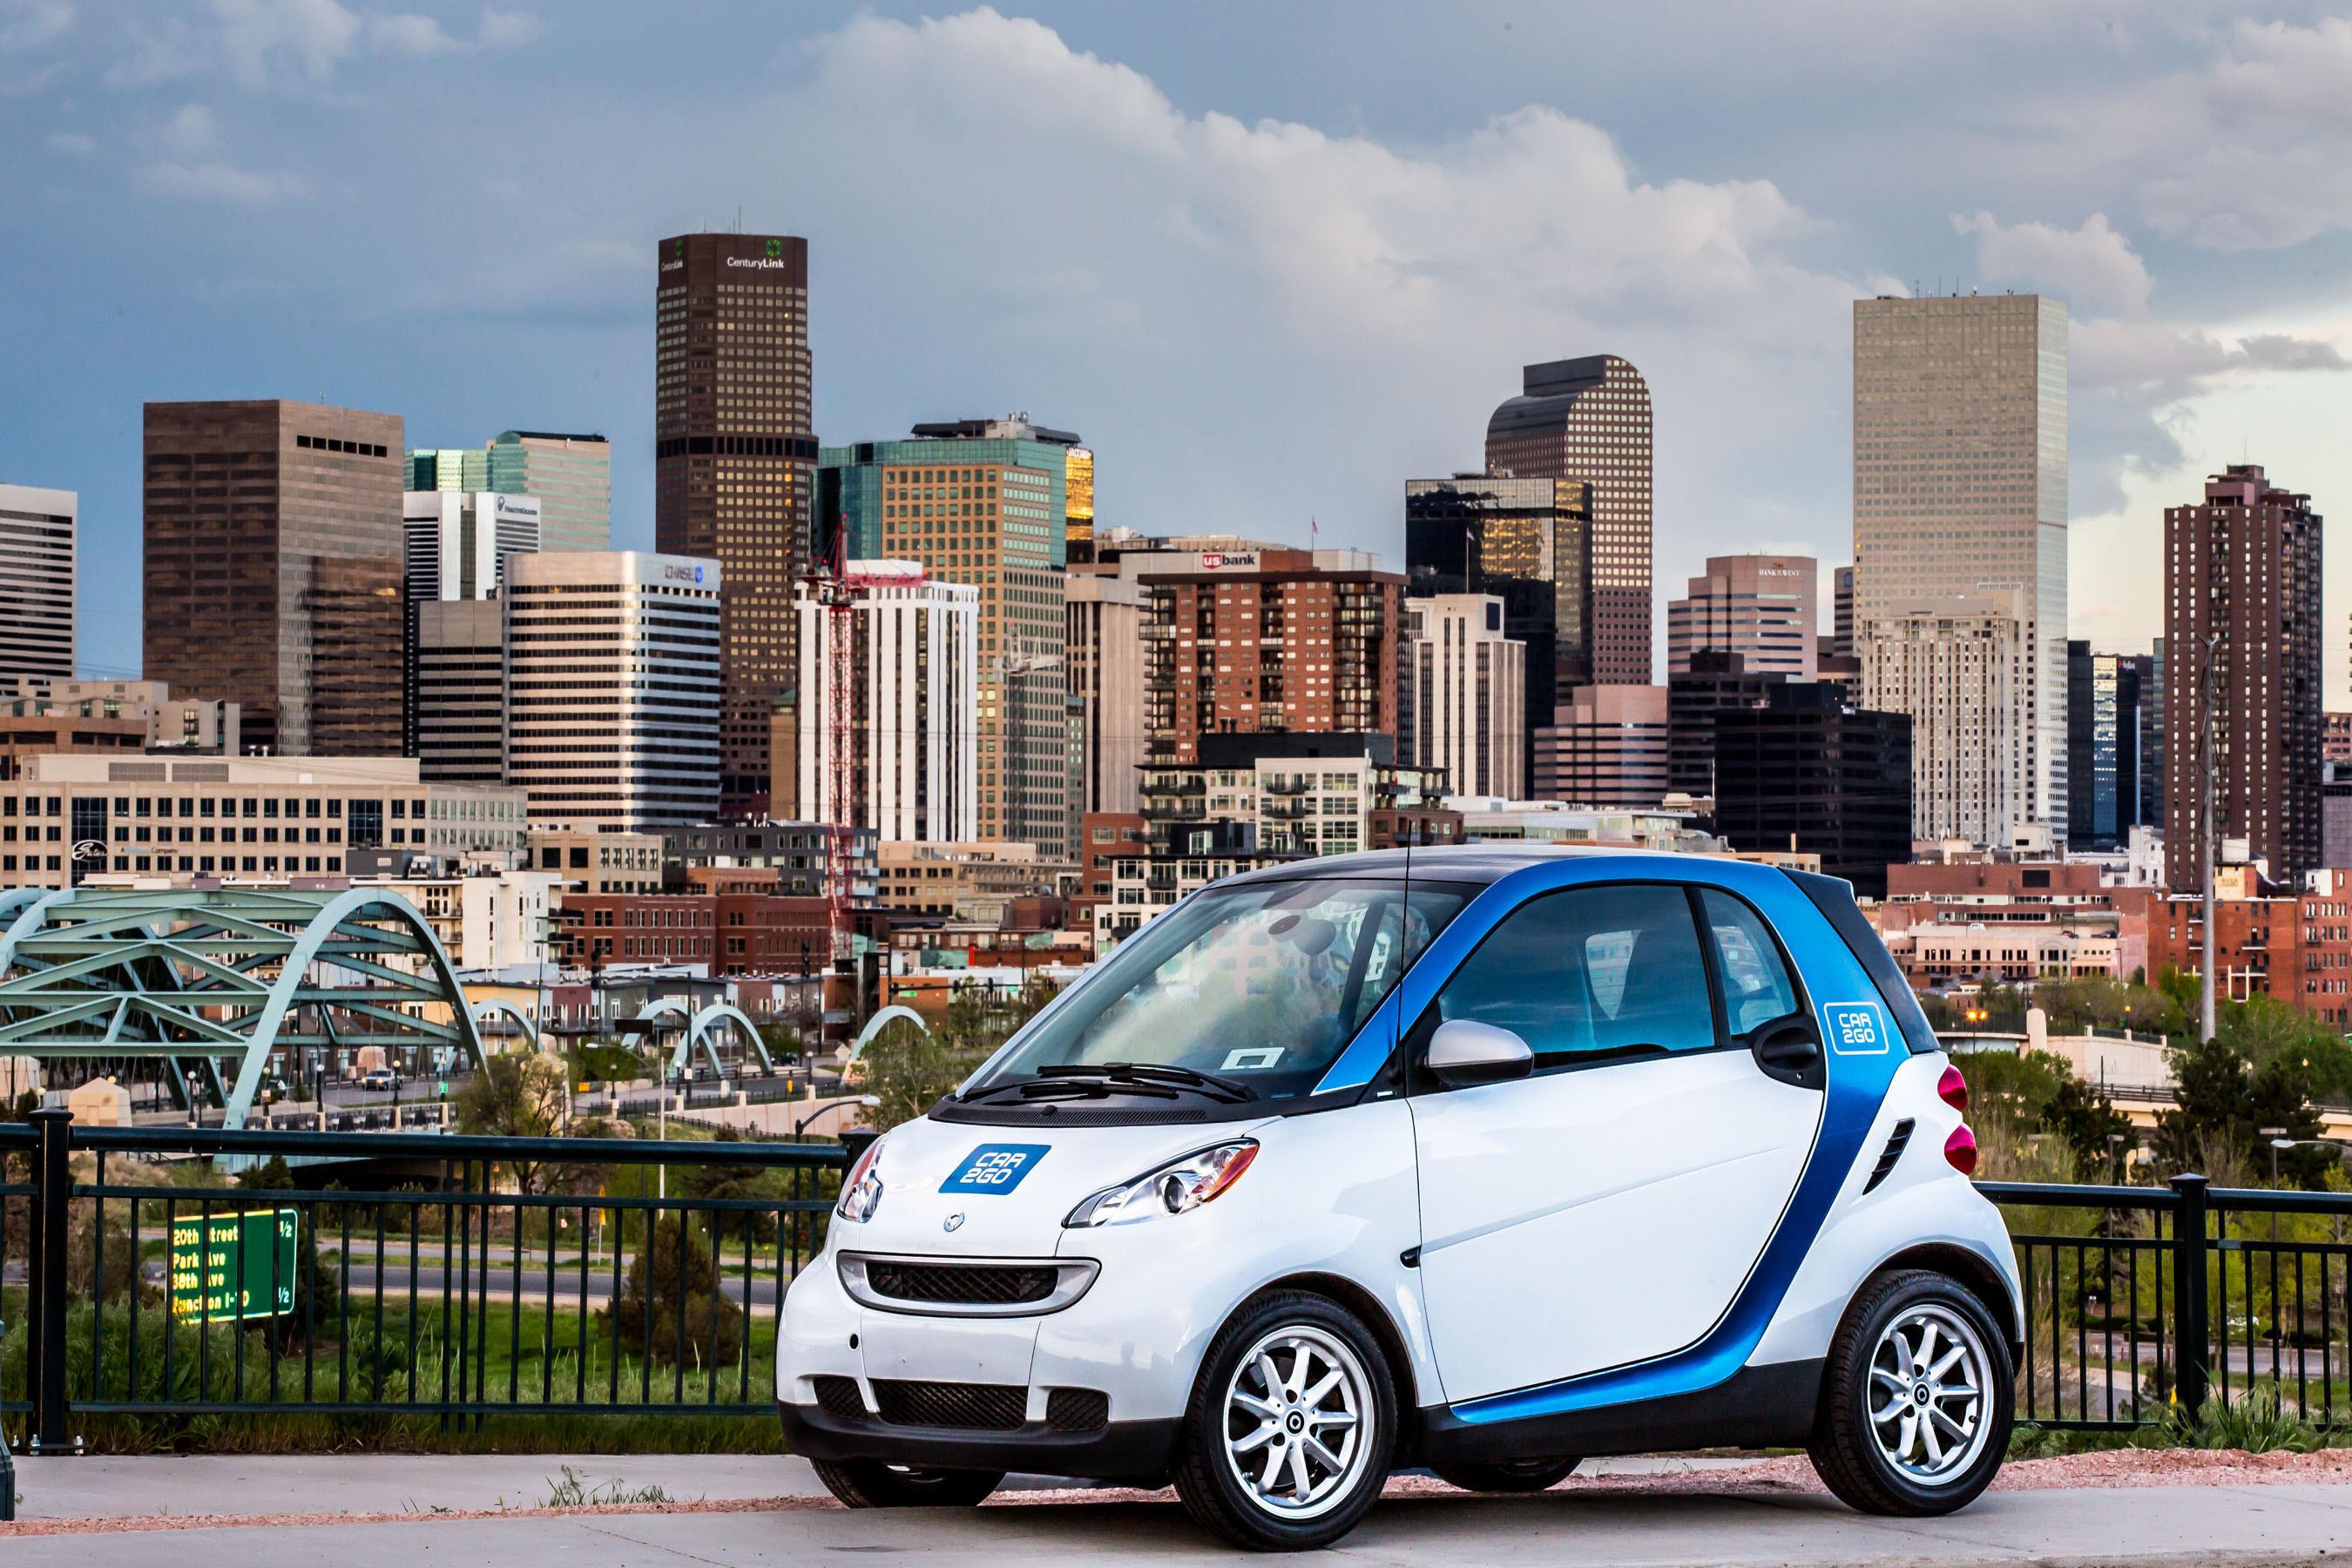 Photo: Car2go in Denver